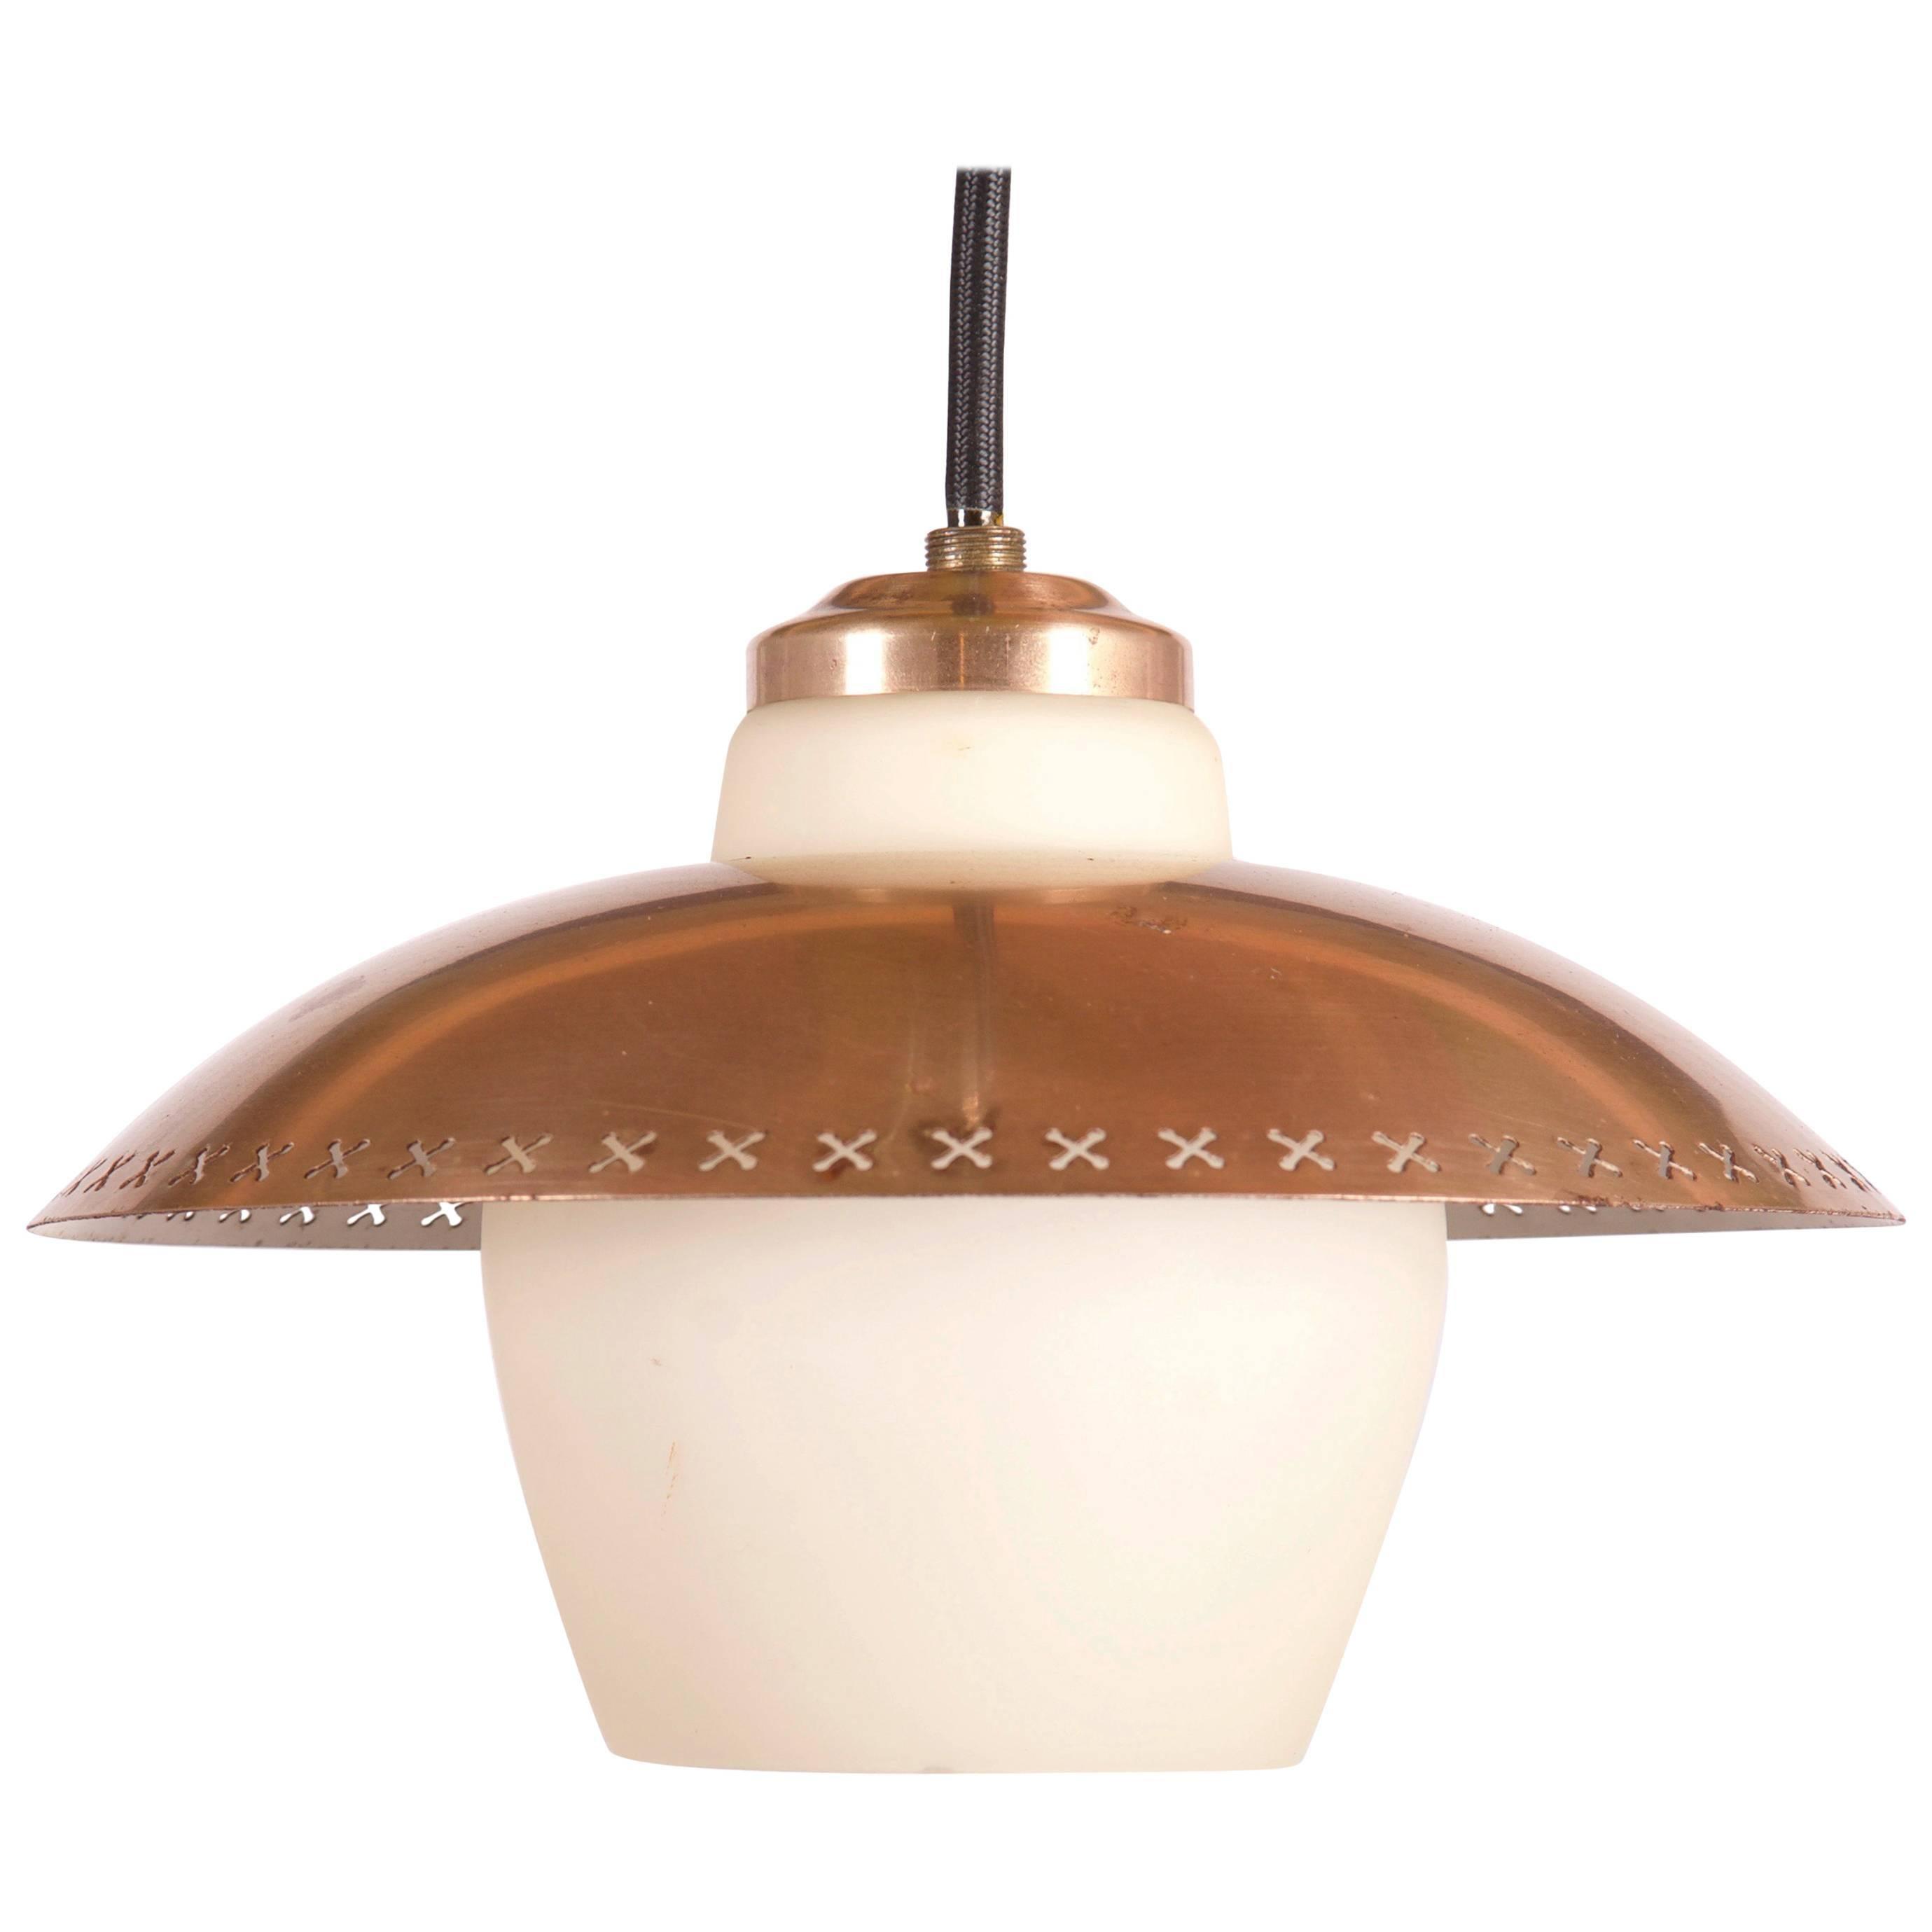 Brass Opaline Glass Pendant Light Bent Karlby for Fog & Mørup